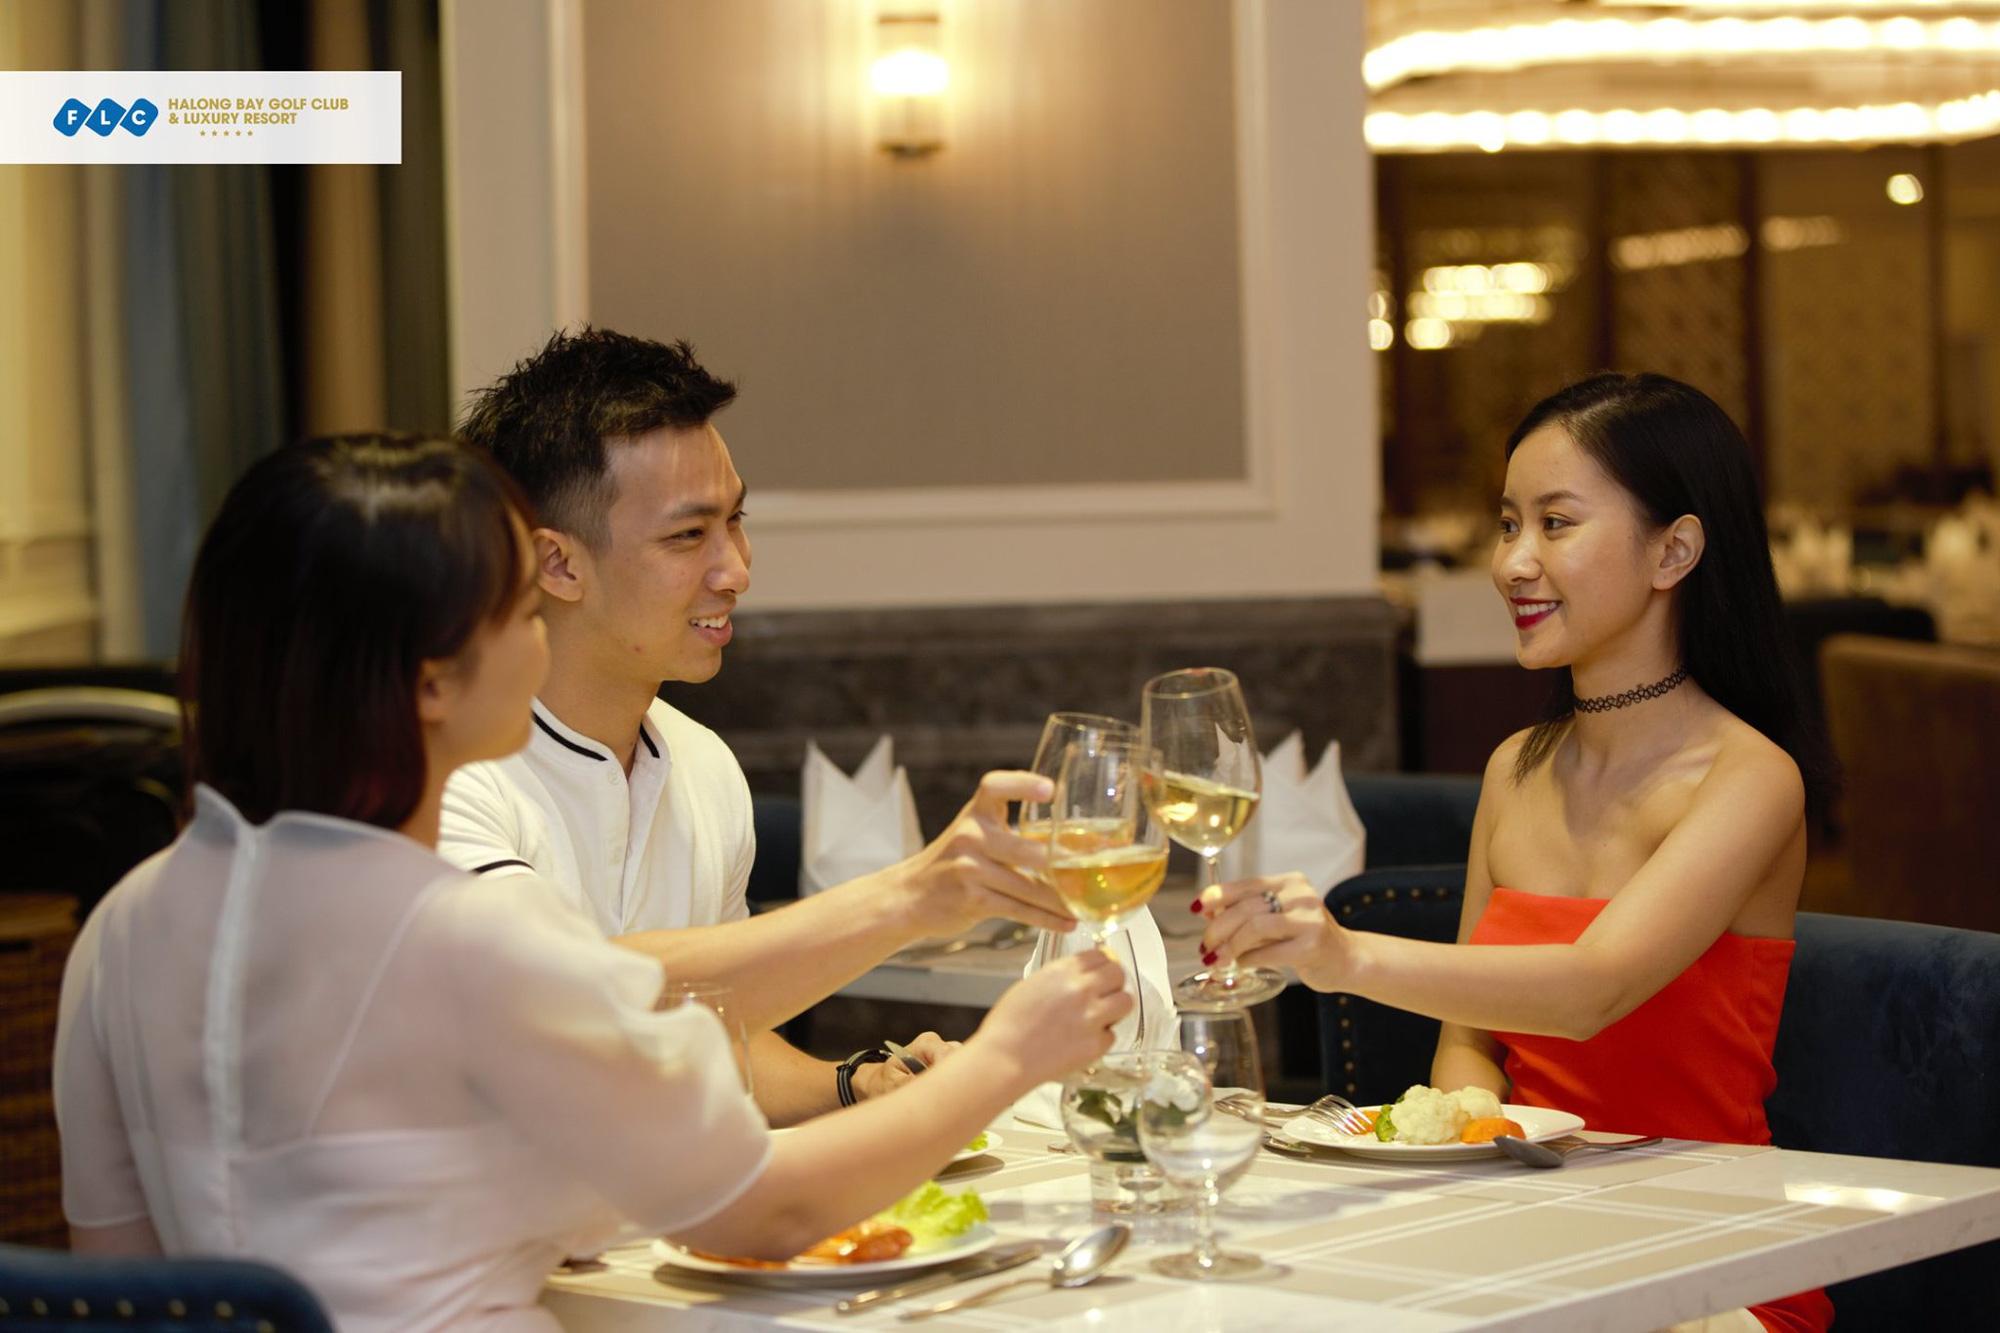 Rực rỡ mùa lễ hội cuối năm tại hệ thống quần thể FLC Hotels & Resorts - Ảnh 2.